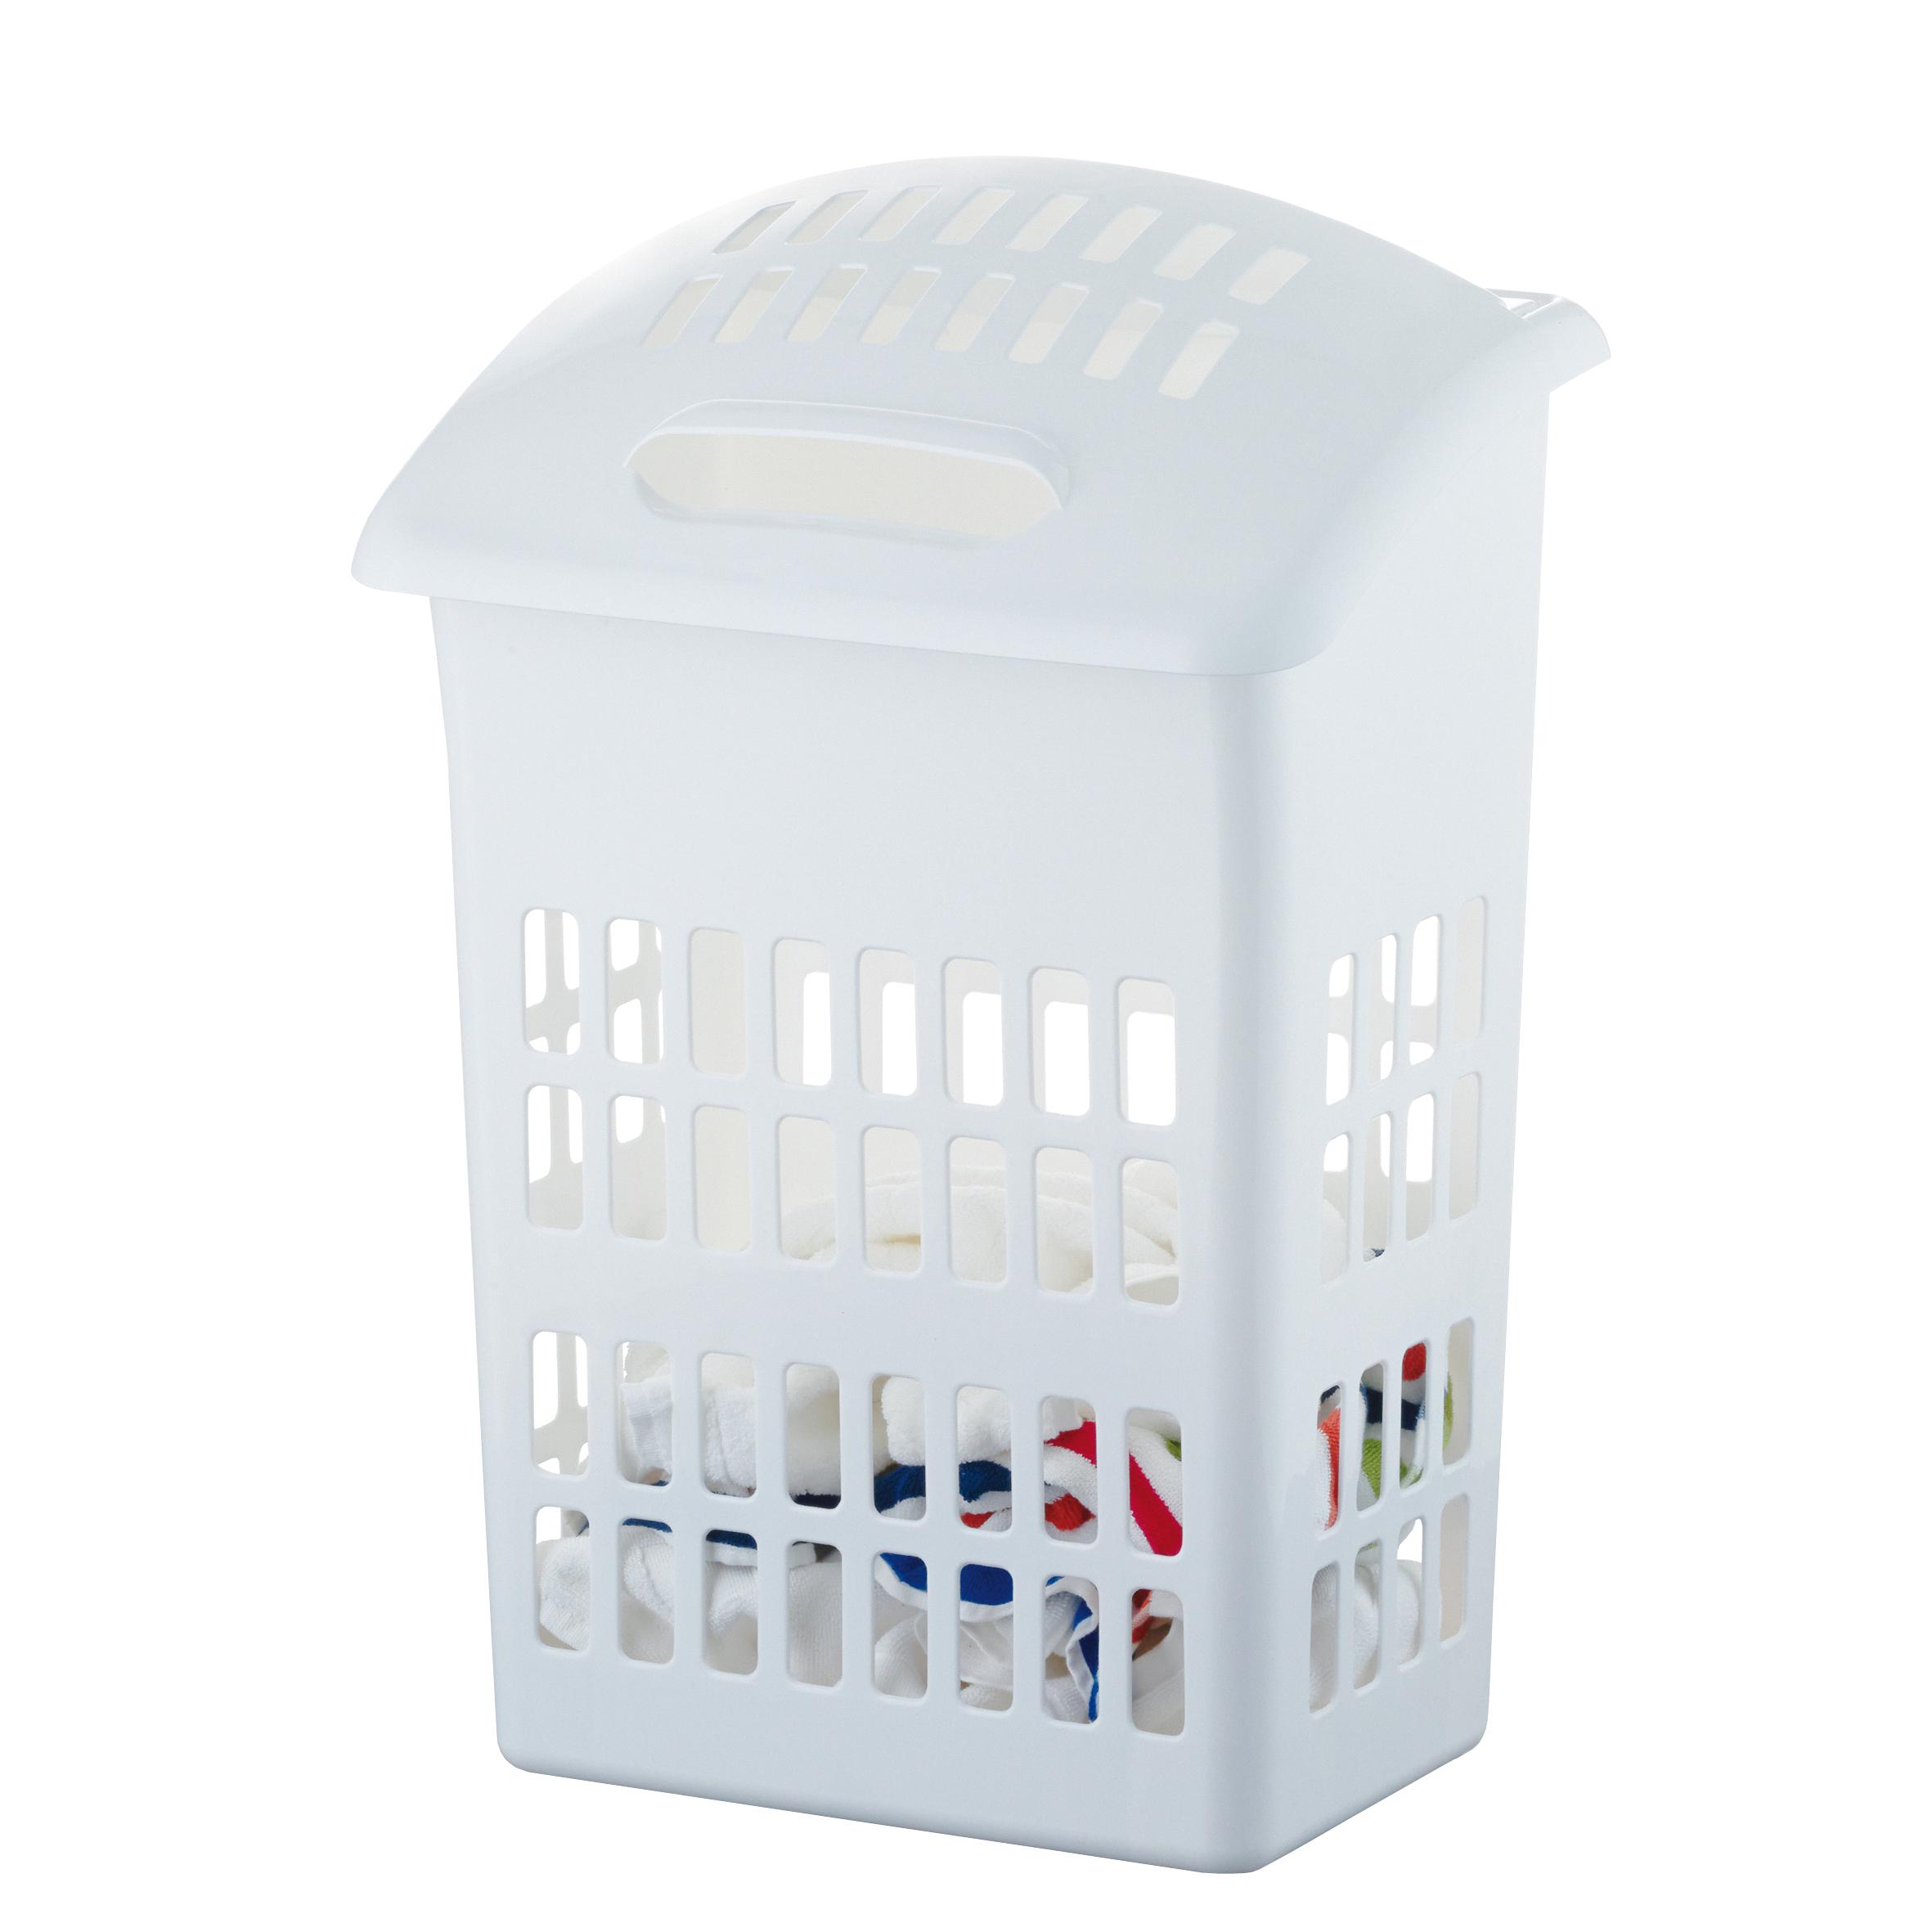 Корзина для белья Axentia, с крышкой, 44 х 31 х 67 см282771Корзина для белья Axentia изготовлена из высококачественного пластика. Имеет специальные отверстия, для того, чтобы ваше белье не сопрело. Подходит для хранения обуви или игрушек.Современный дизайн корзины украсит любой интерьер ванной комнаты.Размер корзины: 44 х 31 х 67 см.